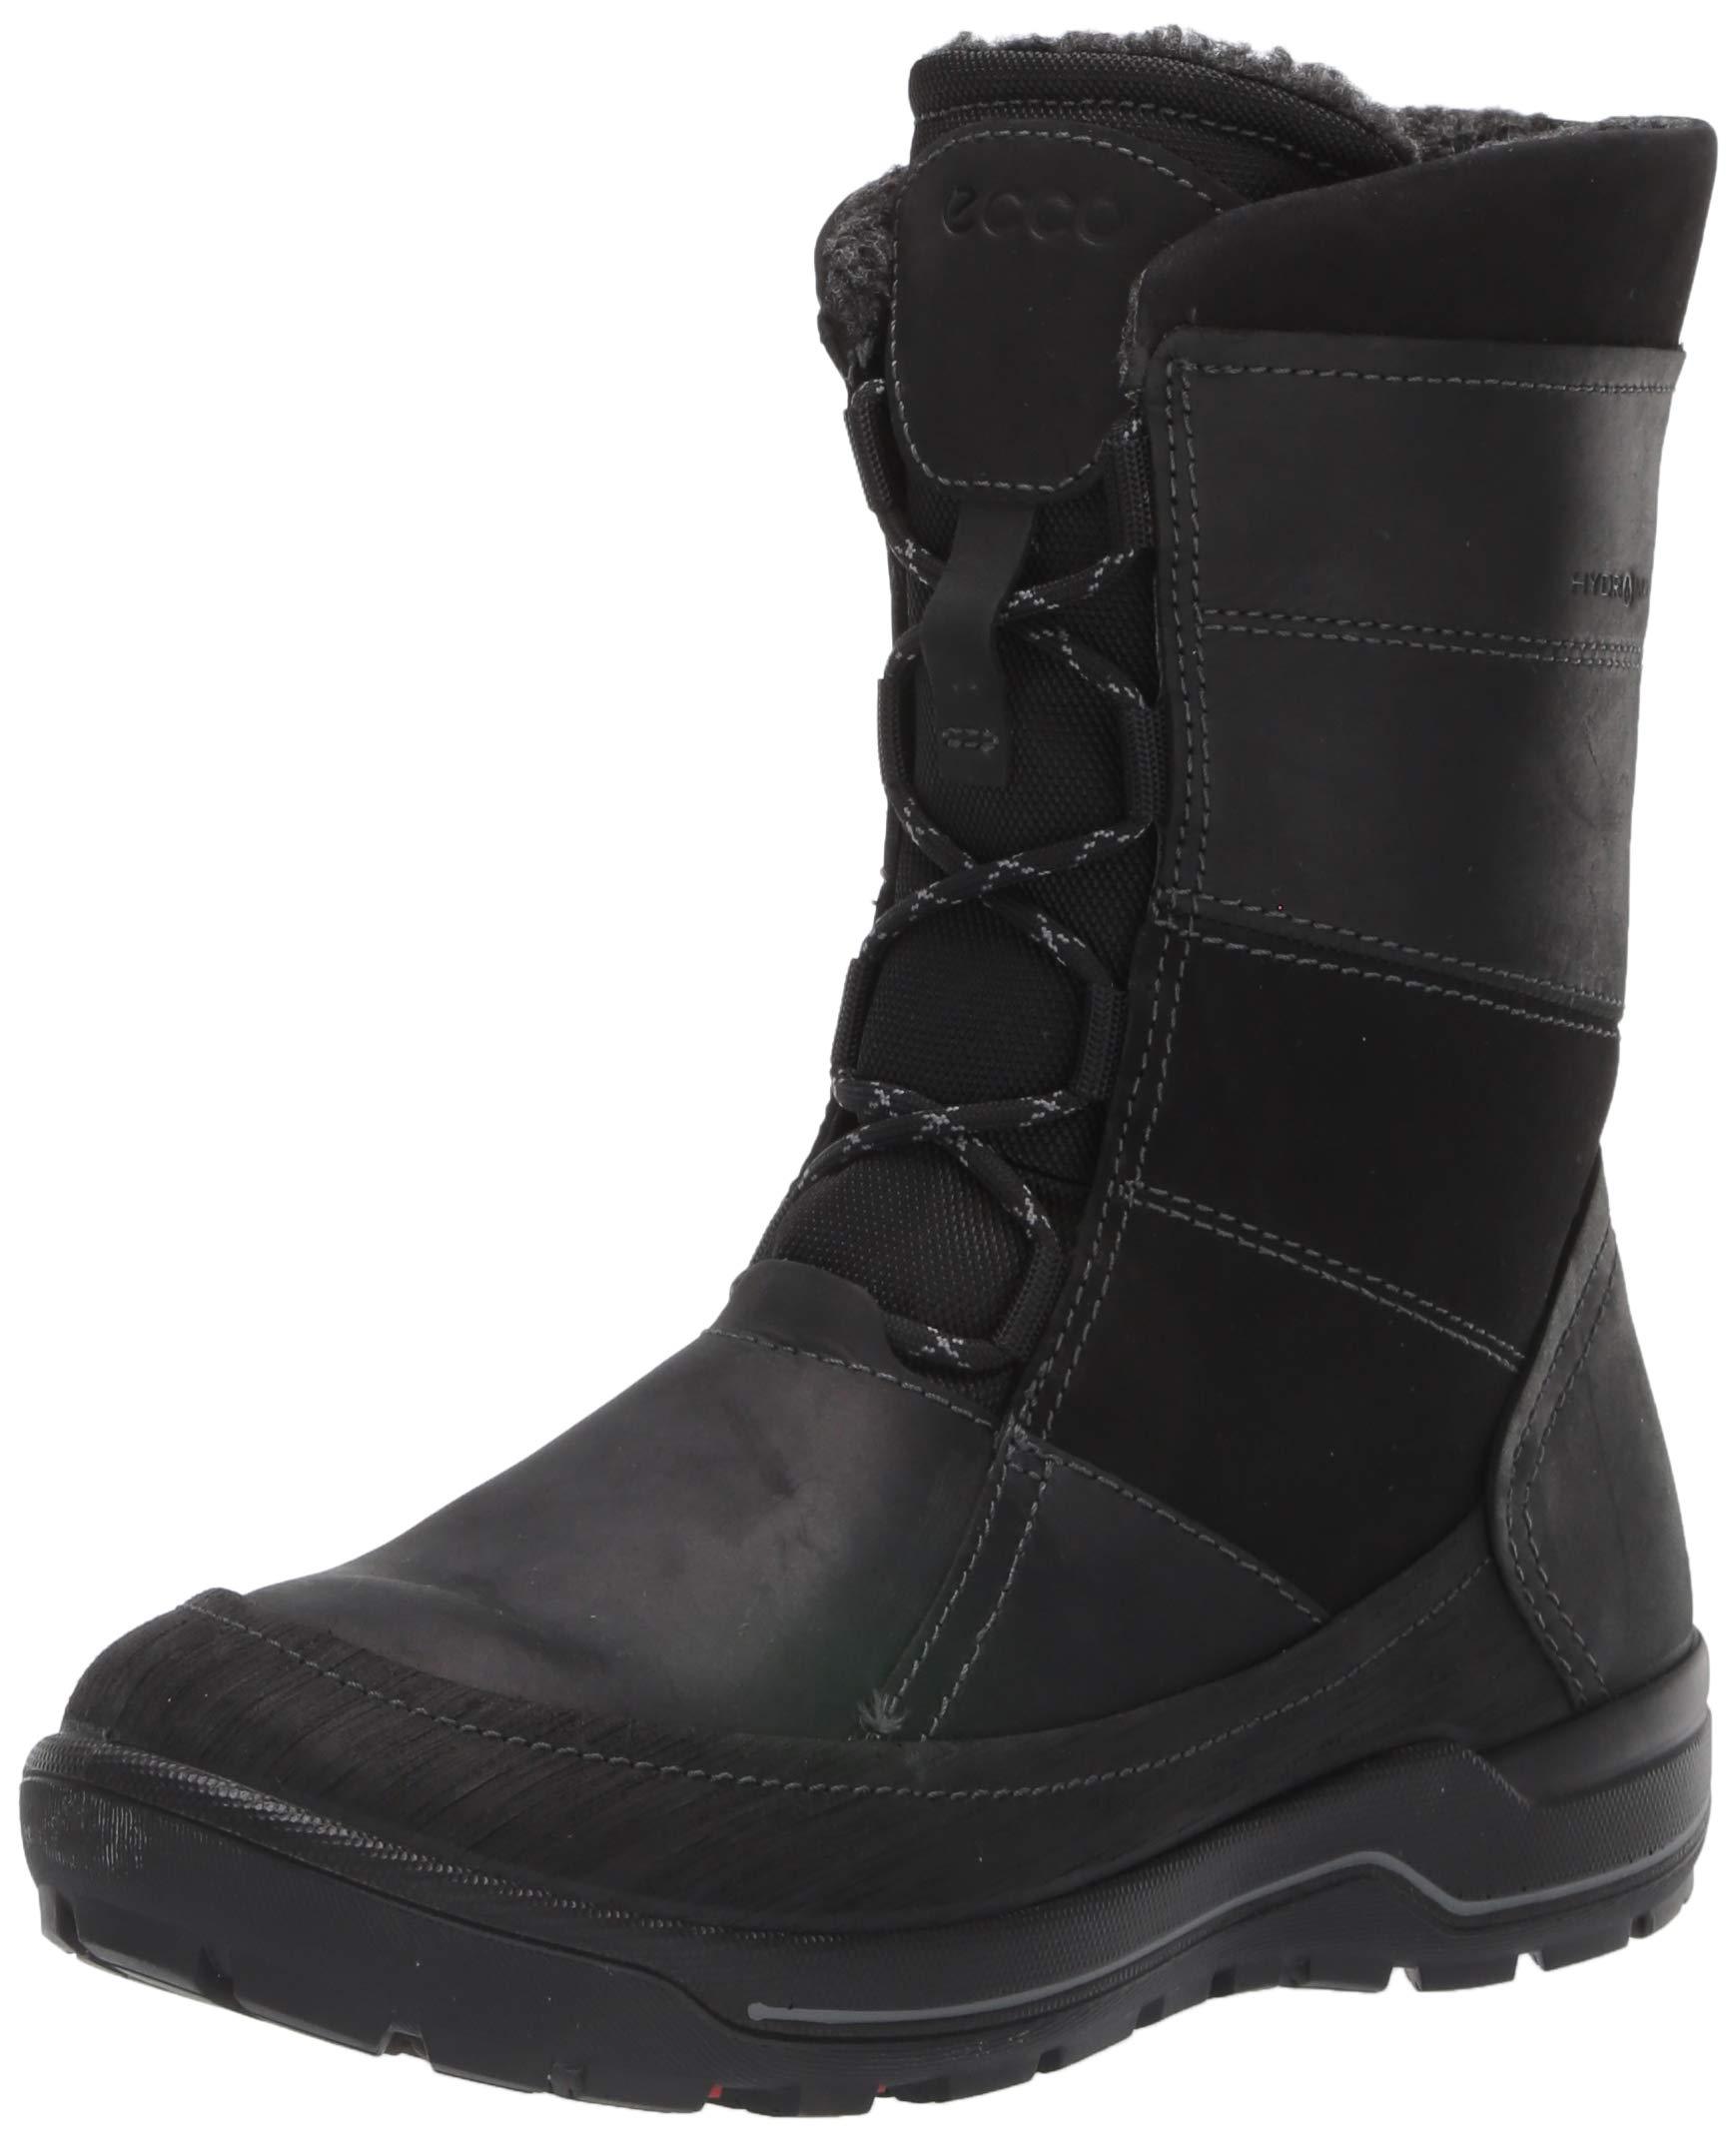 ECCO Men's Trace Lite High Snow Boot